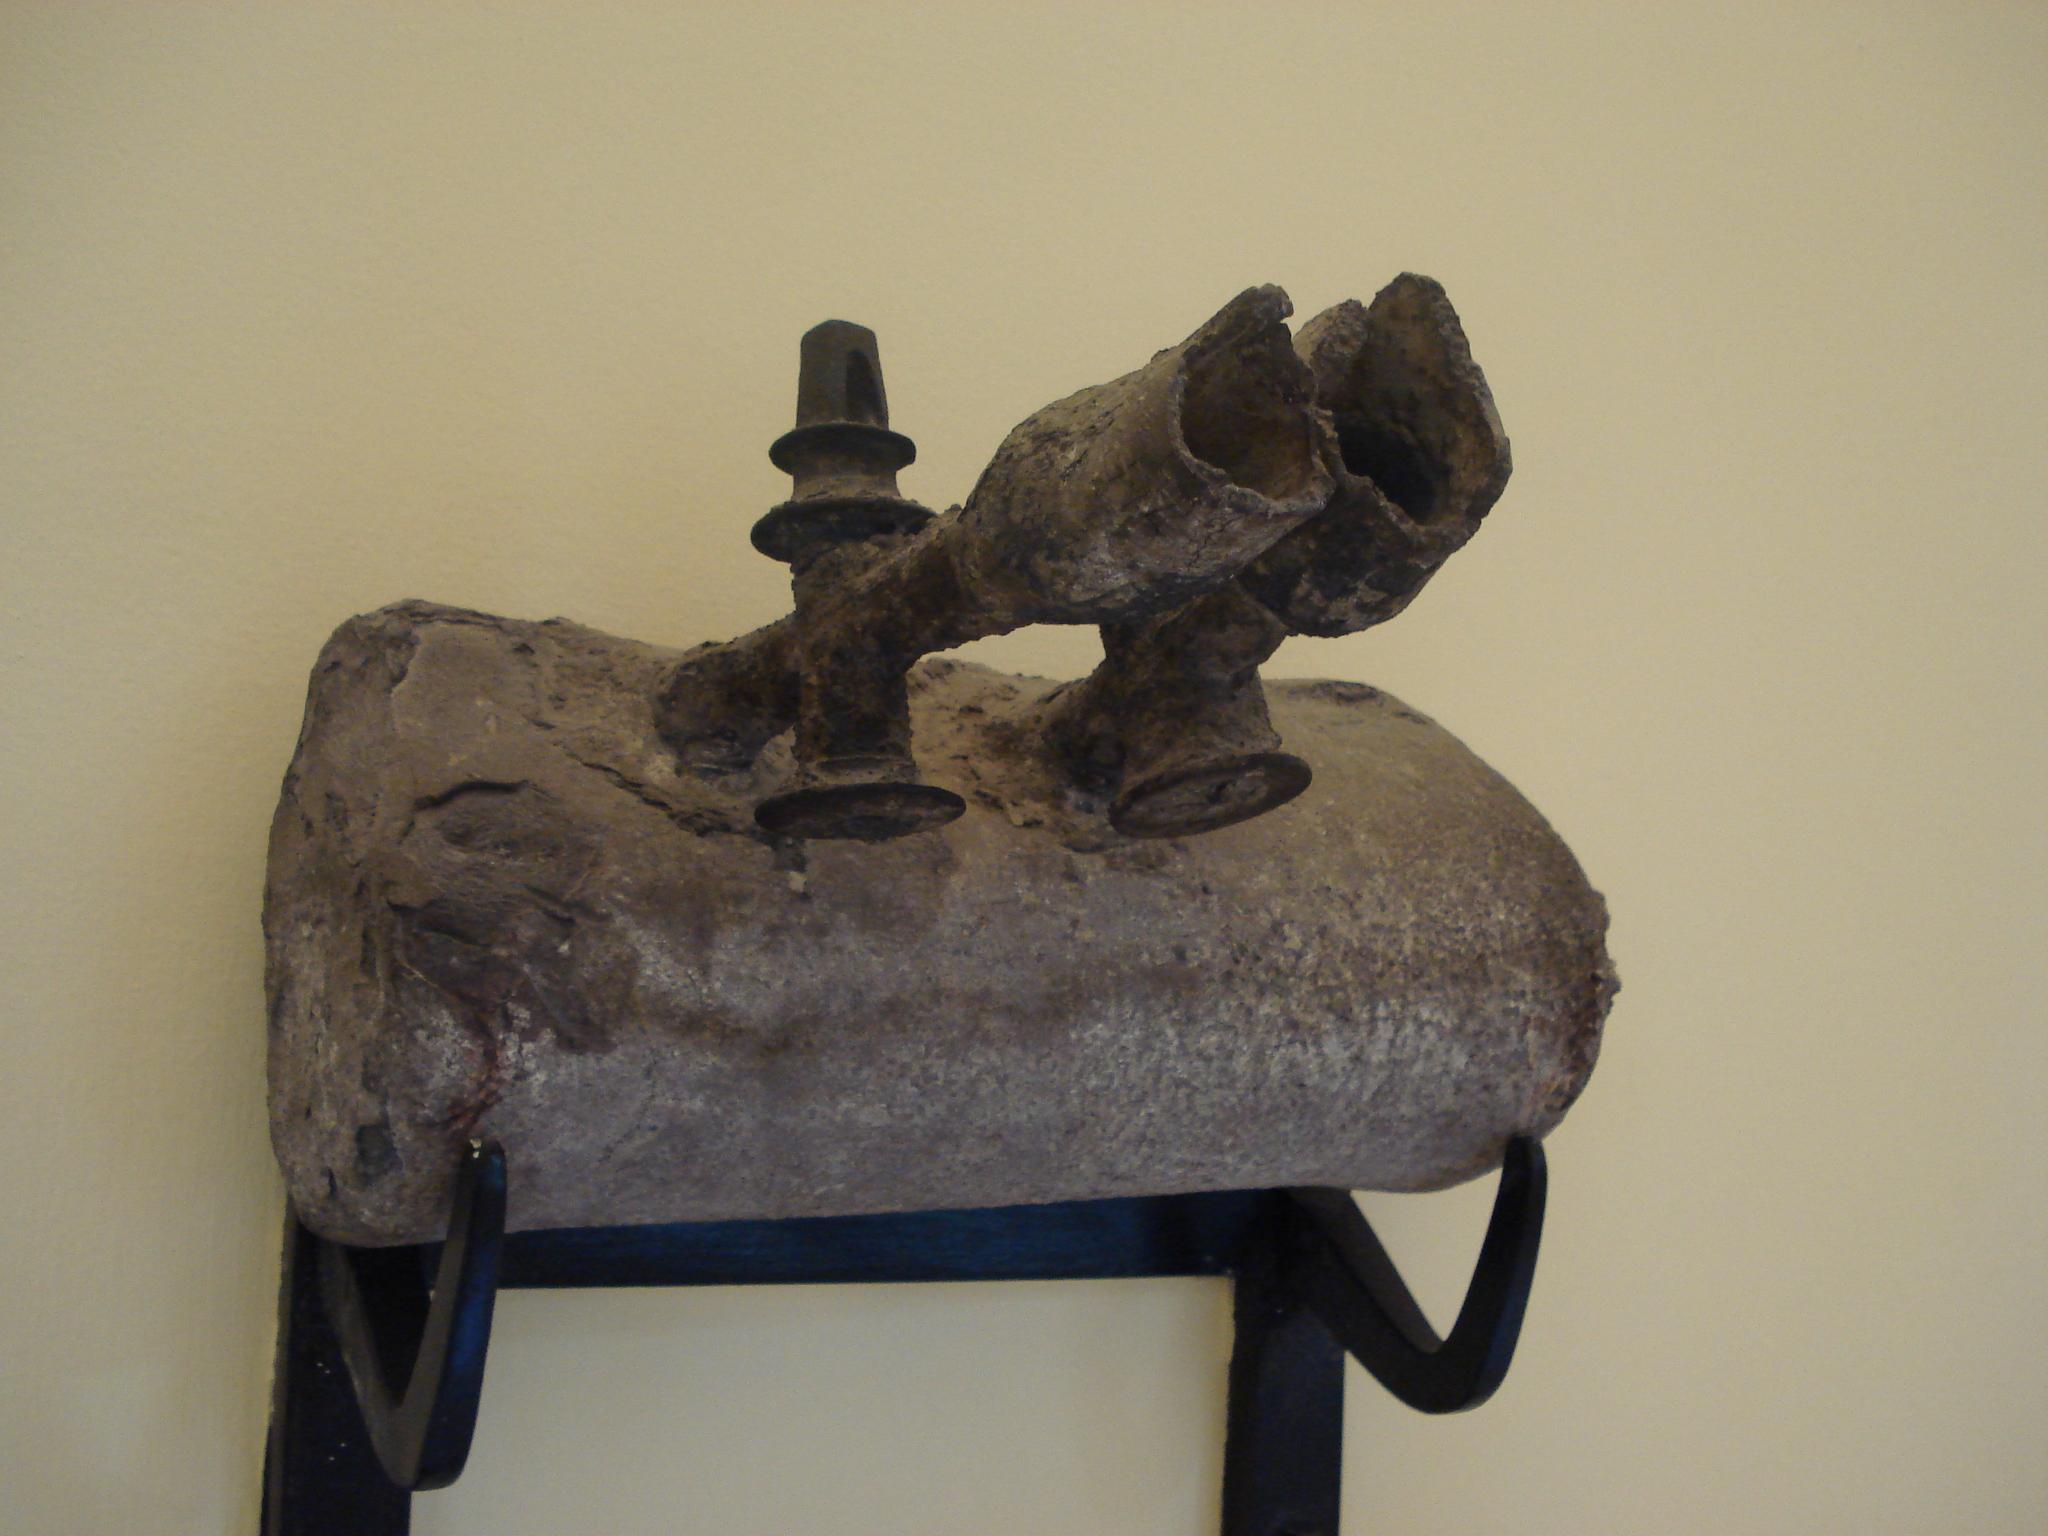 dsc00125 - tubi di piombo romani - foto di g. dall'orto.jpg